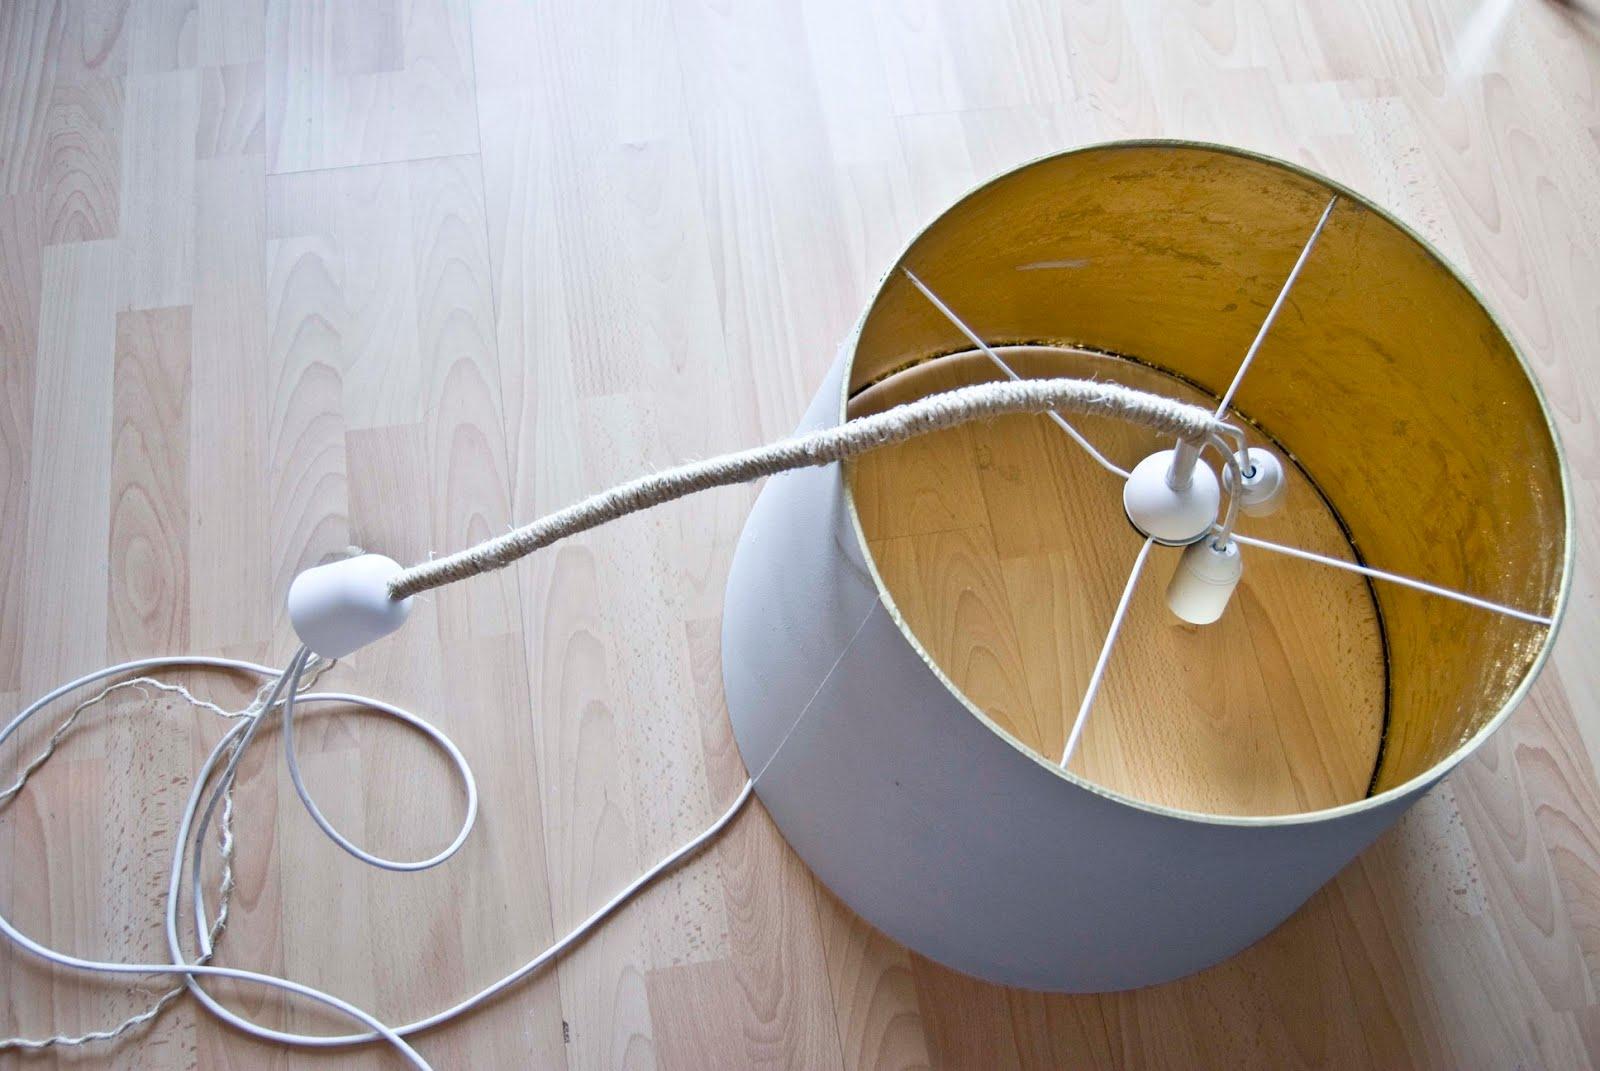 Come creare un lampadario fai da te in stile shabby -> Lampadario Cameretta Fai Da Te